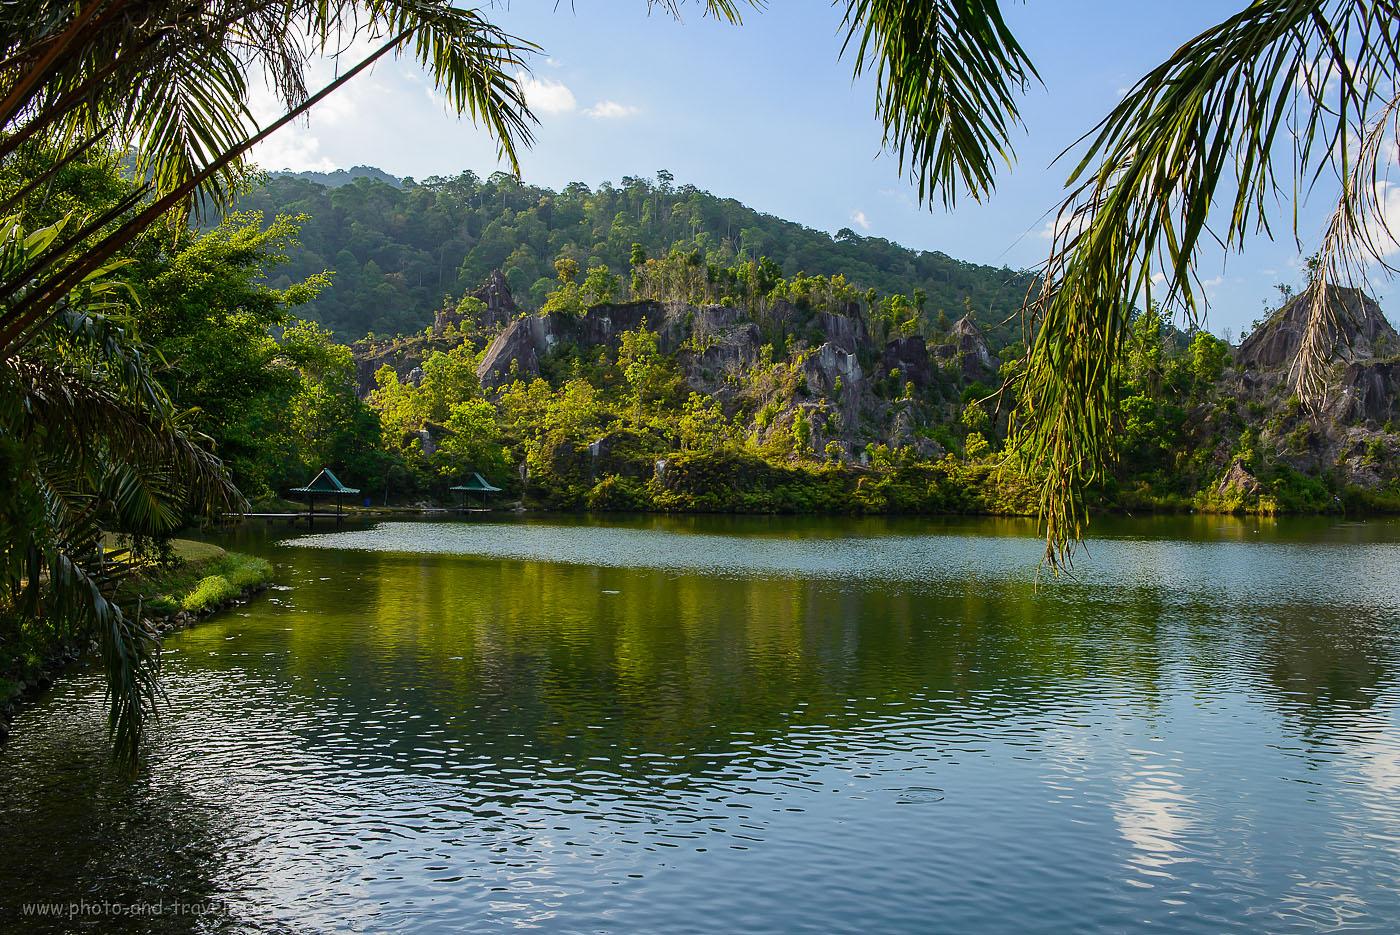 Фотография 12. Каньон Ранонг в Таиланде - бывший рудник по добыче олова. Озеро похоже на Тальков камень в Екатеринбурге (400, 32, 10.0, 1/160)